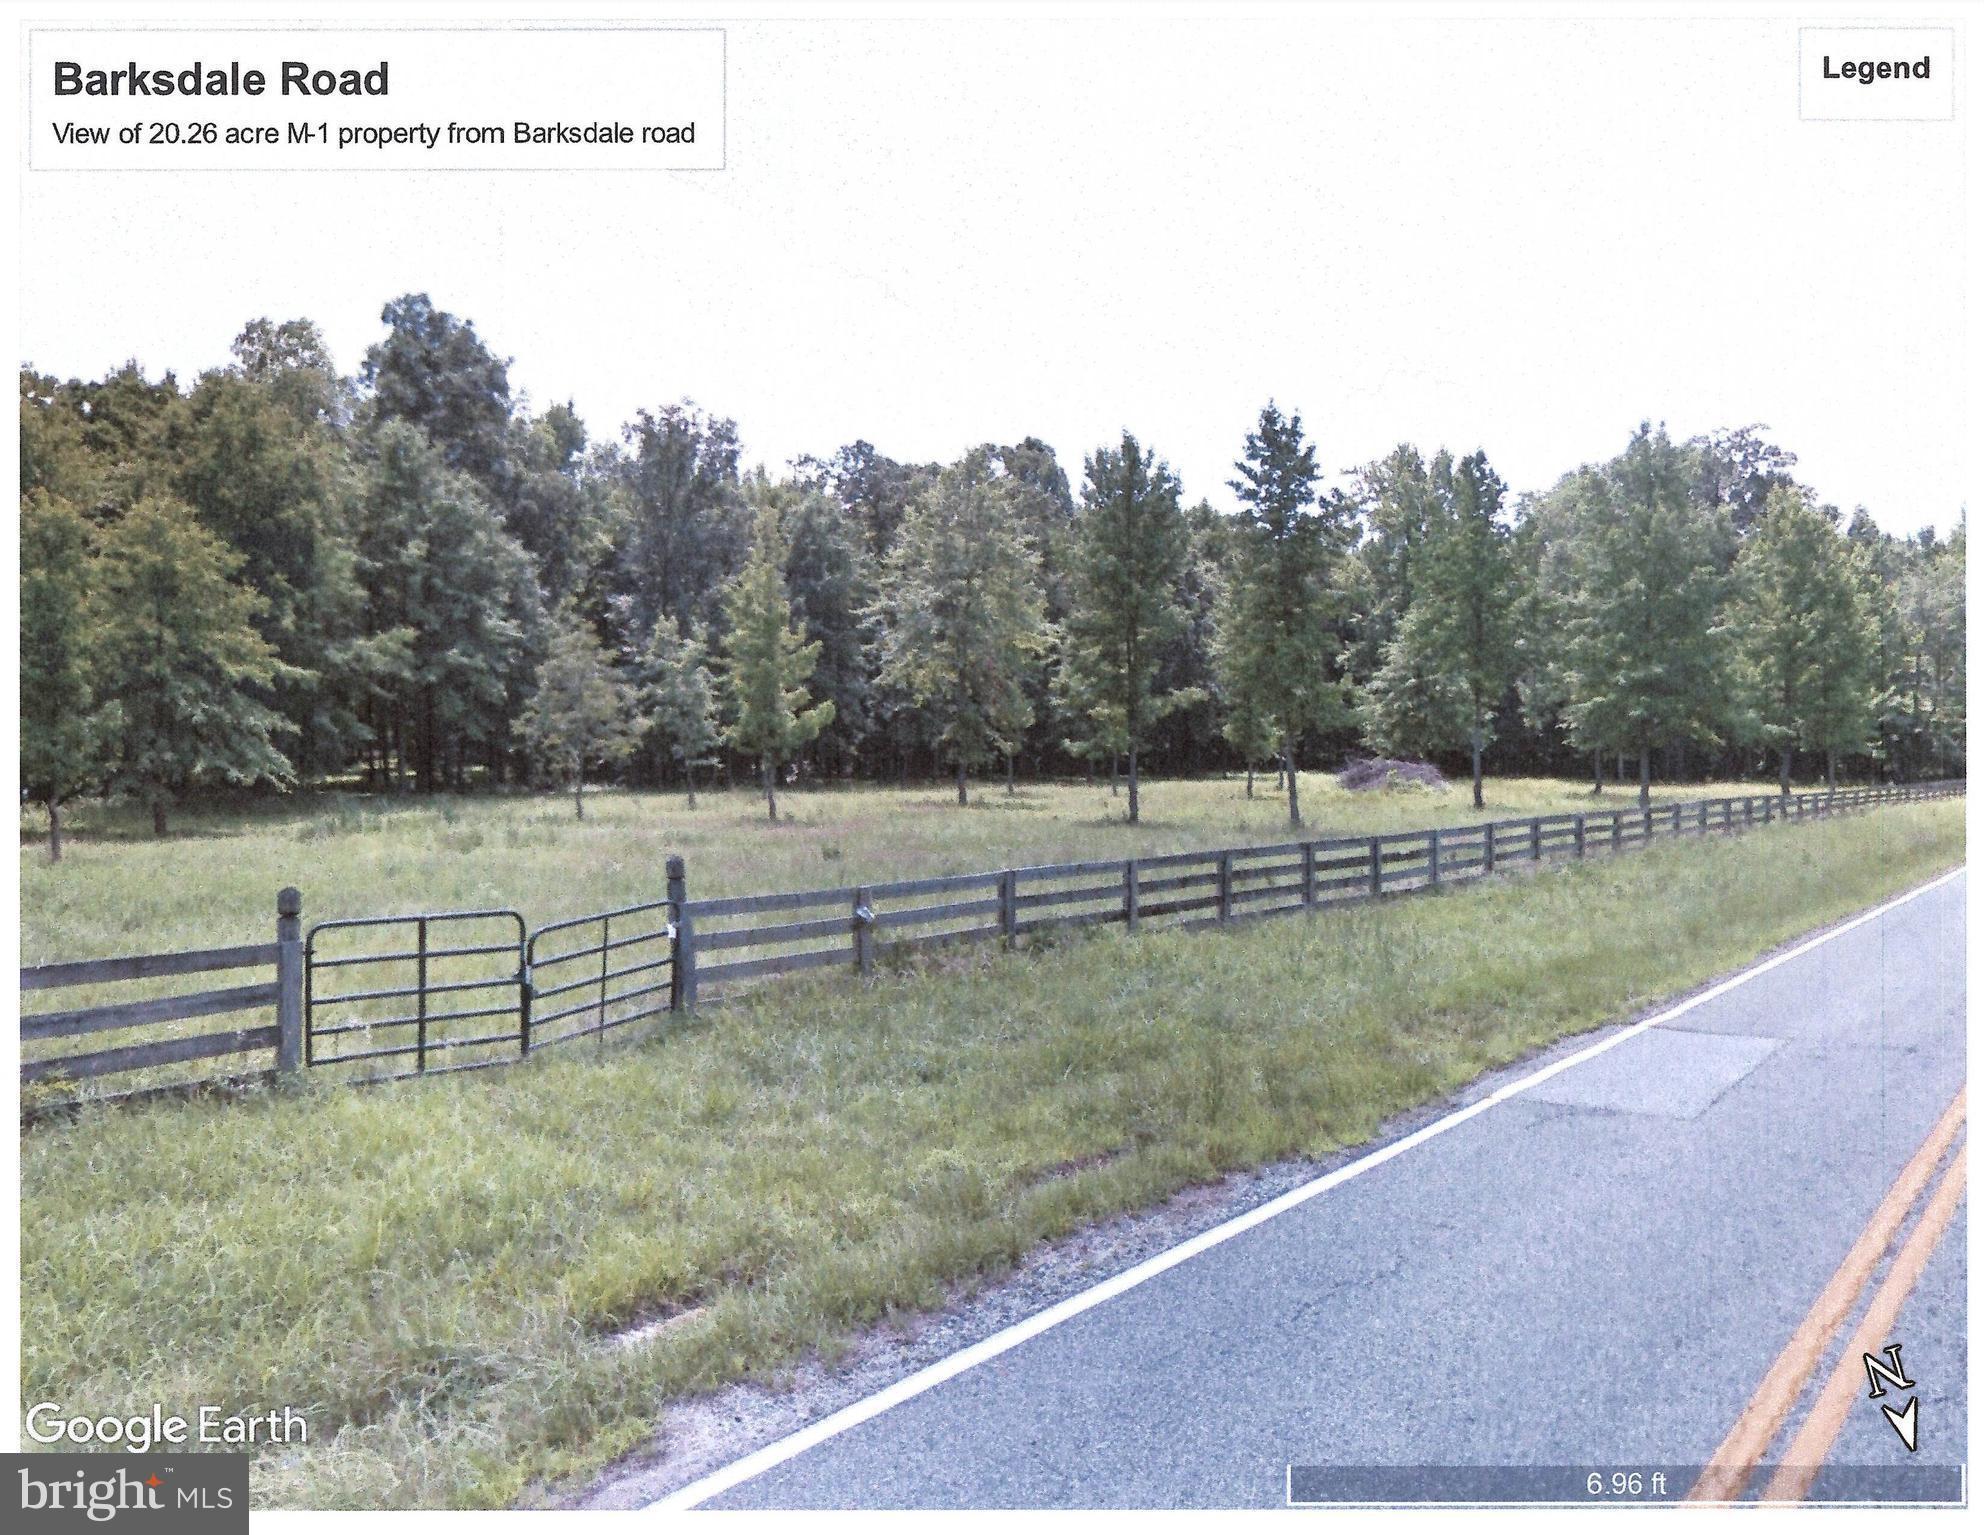 3 BARKSDALE RD. ROAD W N/A, ELKTON, MD 21921